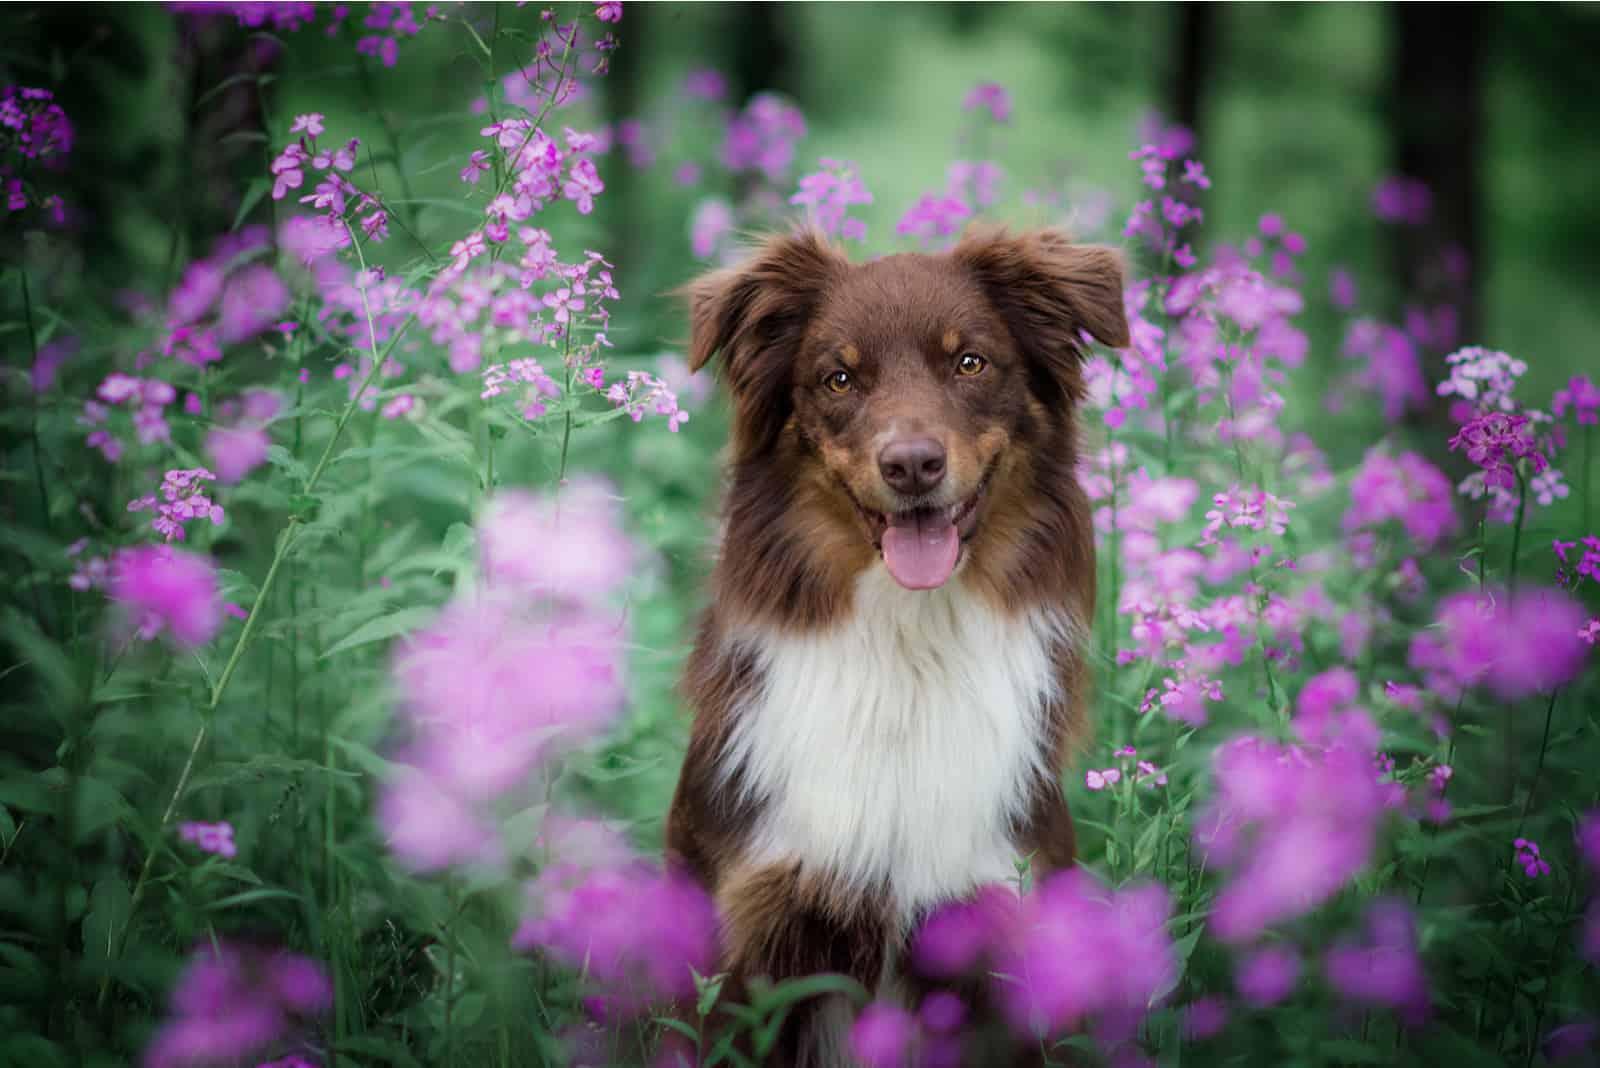 Australian shepherd in pink flowers